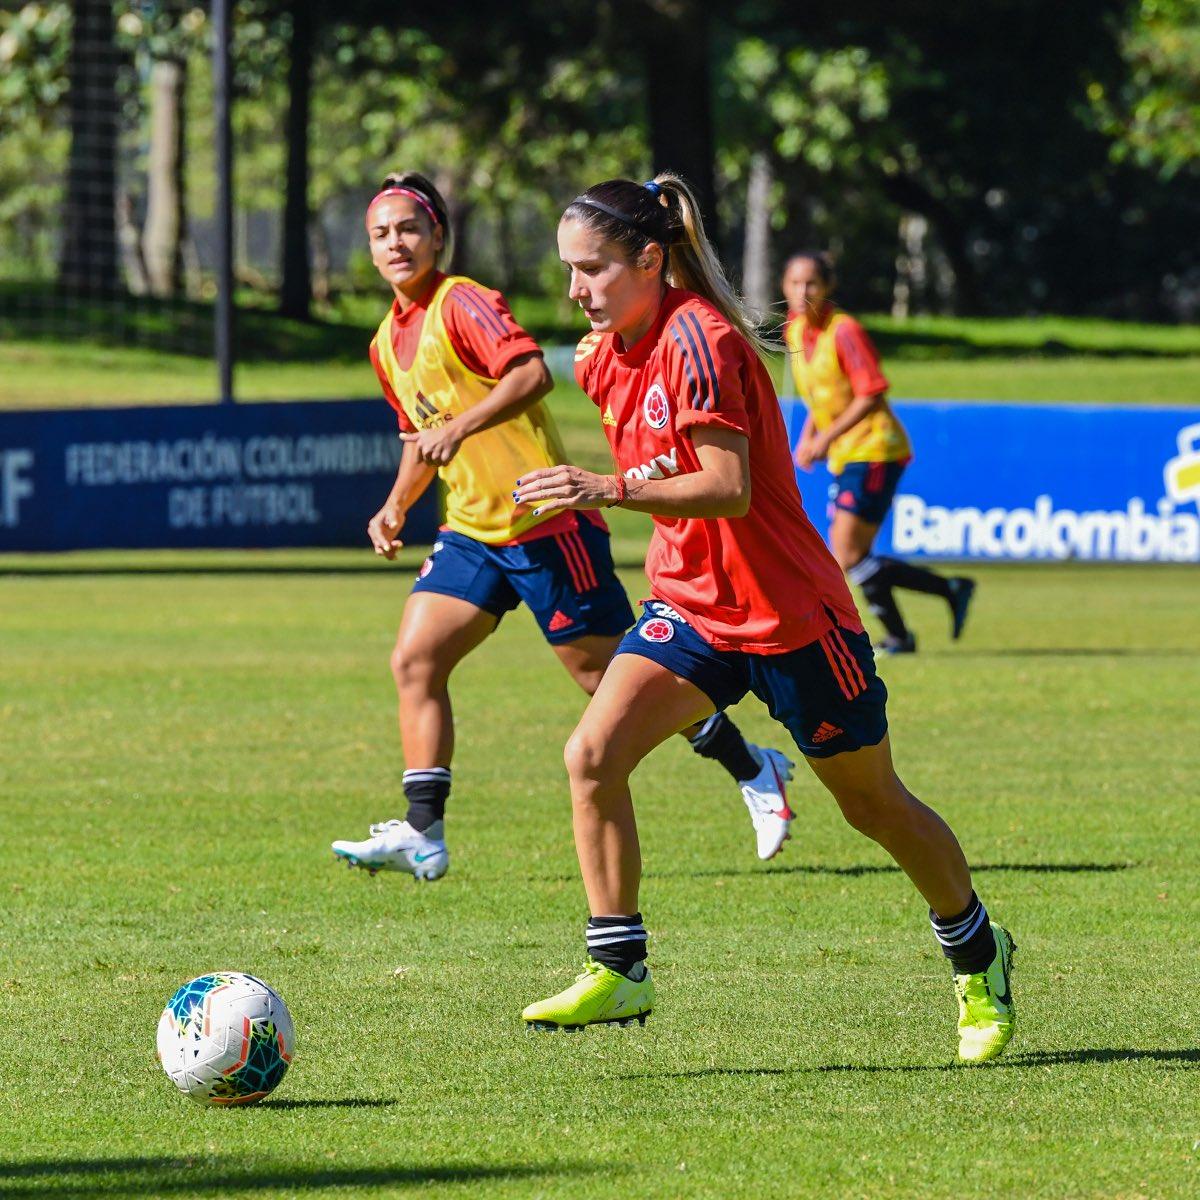 📸 ¡Enfocadas! 👊  Nuestra Selección Femenina de mayores continua con su ciclo de preparación 🙌  #VamosColombia 🇨🇴